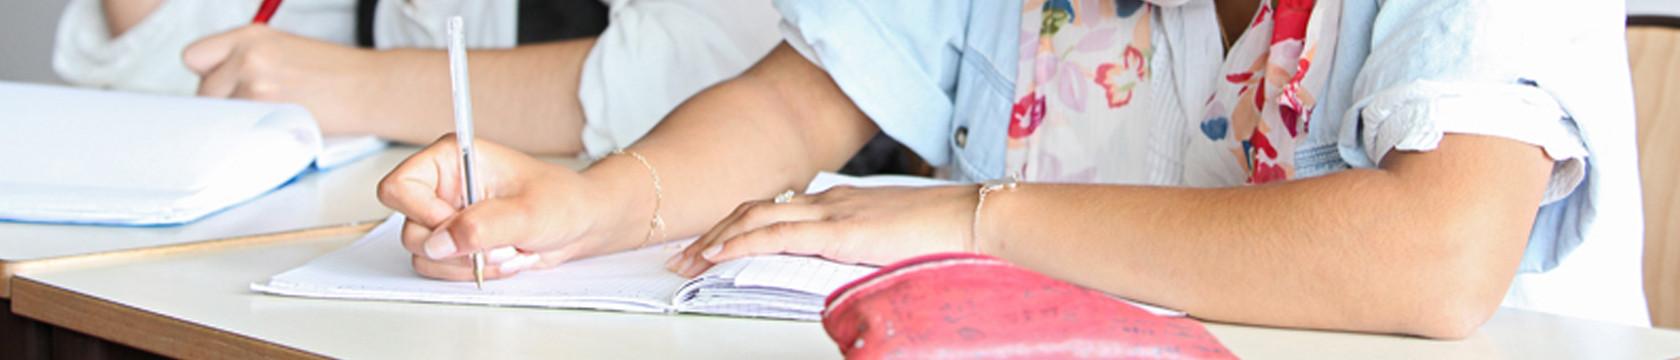 Réglementation concernant les aménagements d'examens pour les élèves en  situation de handicap | éduscol | Ministère de l'Éducation nationale, de la  Jeunesse et des Sports - Direction générale de l'enseignement scolaire